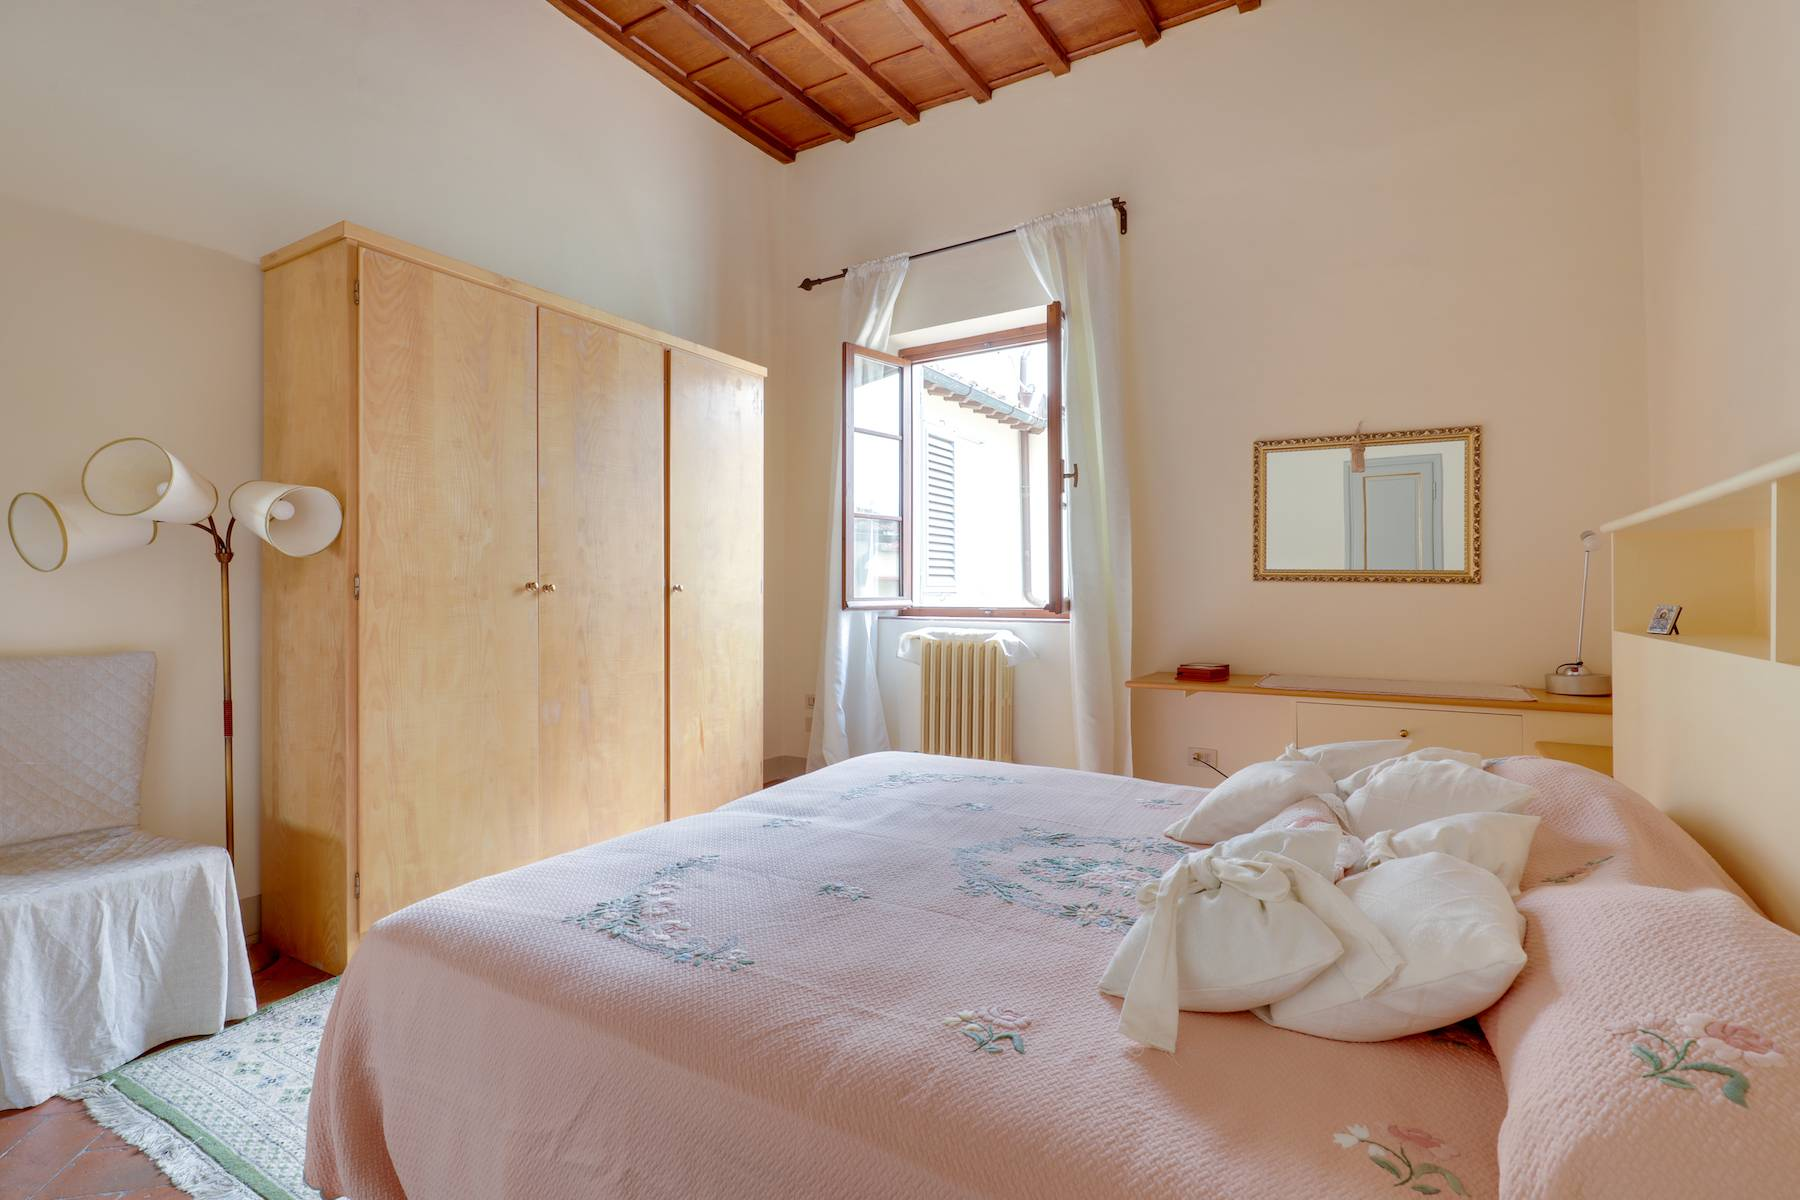 Appartamento in Vendita a Firenze: 4 locali, 90 mq - Foto 11